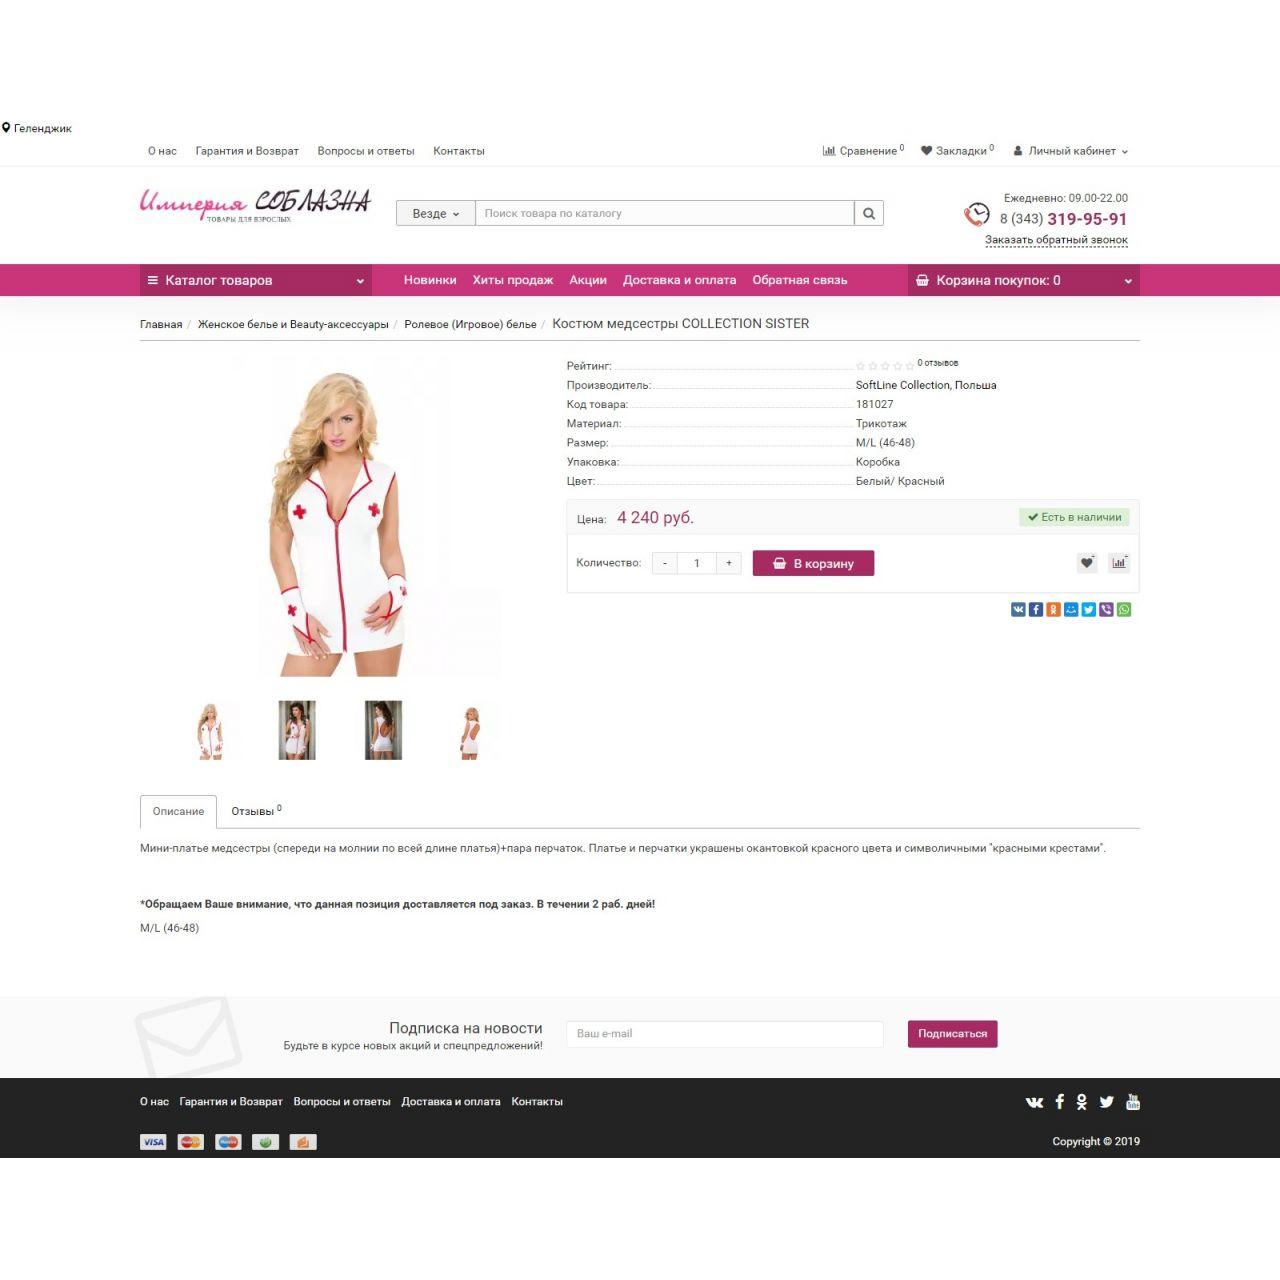 Интернет-магазин интимных товаров Секс-шоп из категории Наши проекты для CMS OpenCart (ОпенКарт)